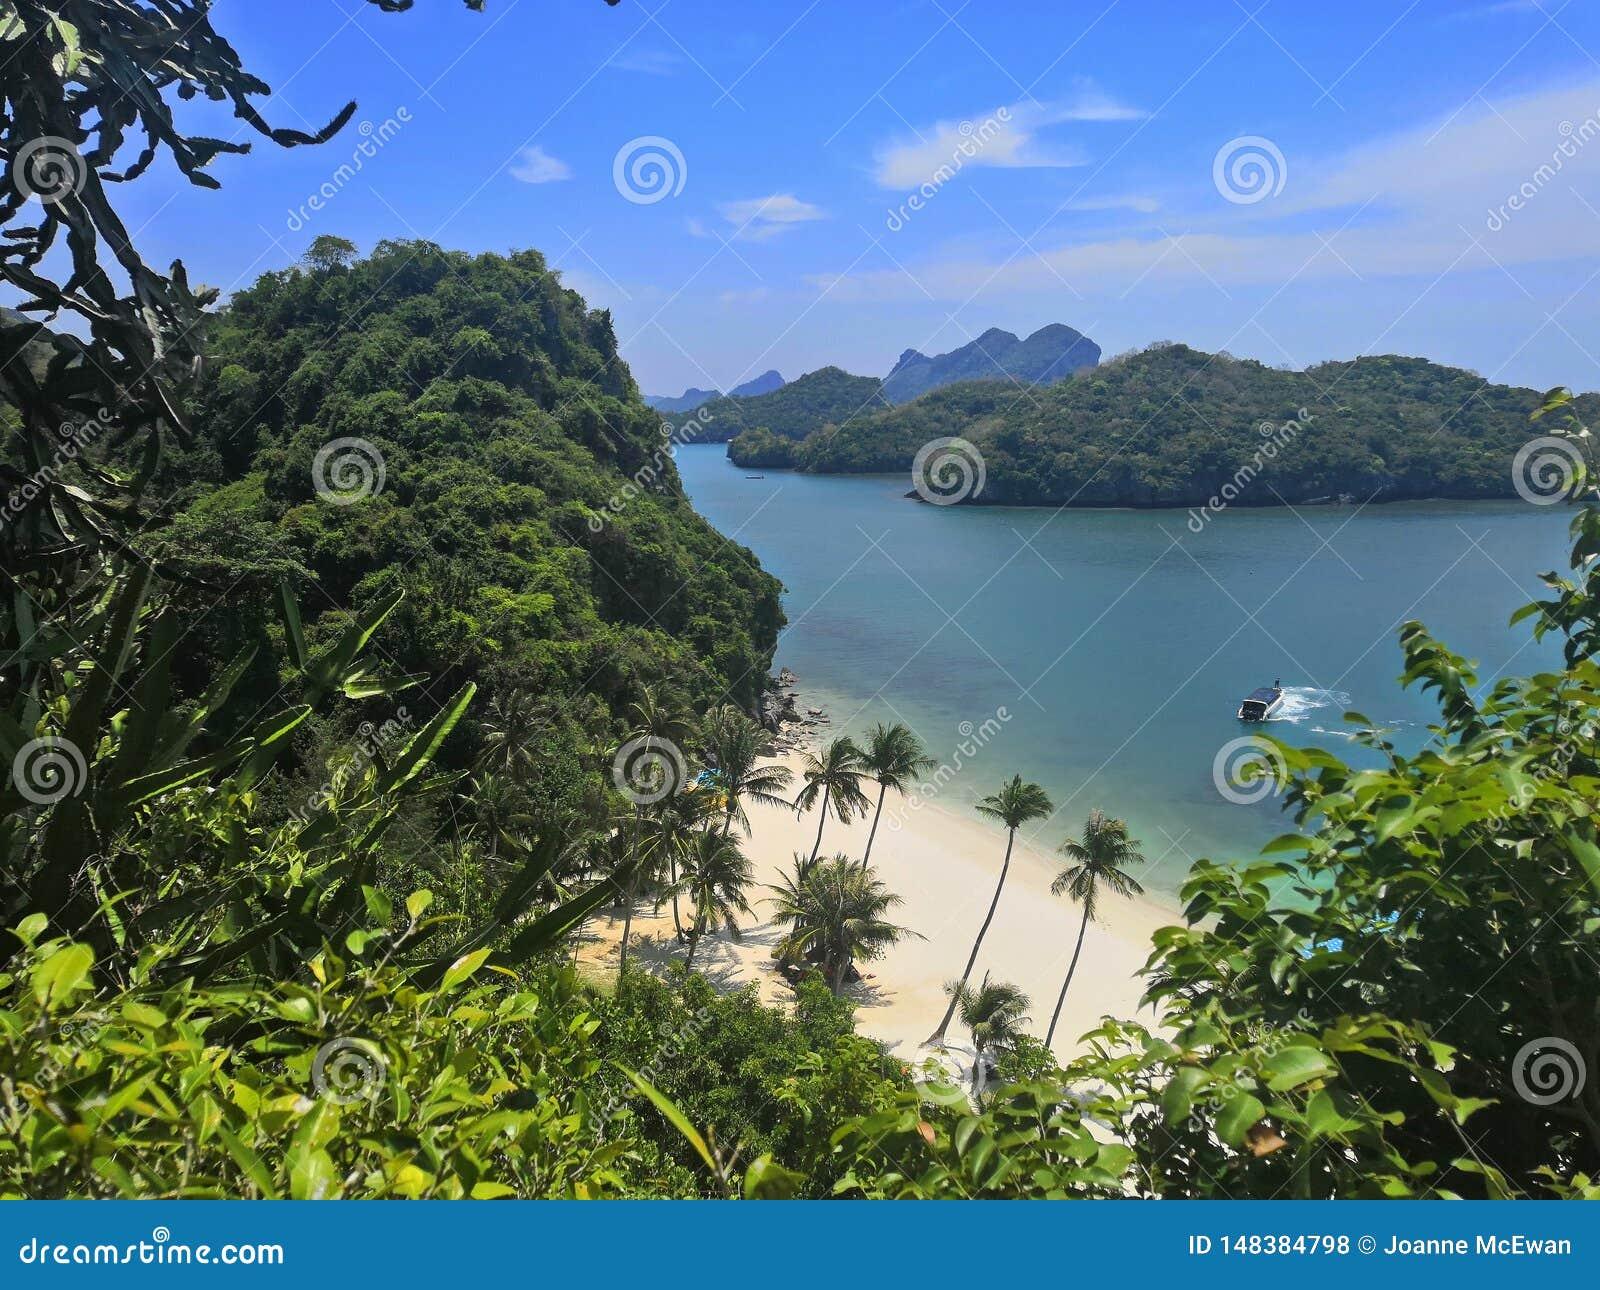 W?ssern tropische Palmen Insel-Thailand-KOH samui KOH madsom Strandes Seelandschaftsboots-Betriebsstandpunkt